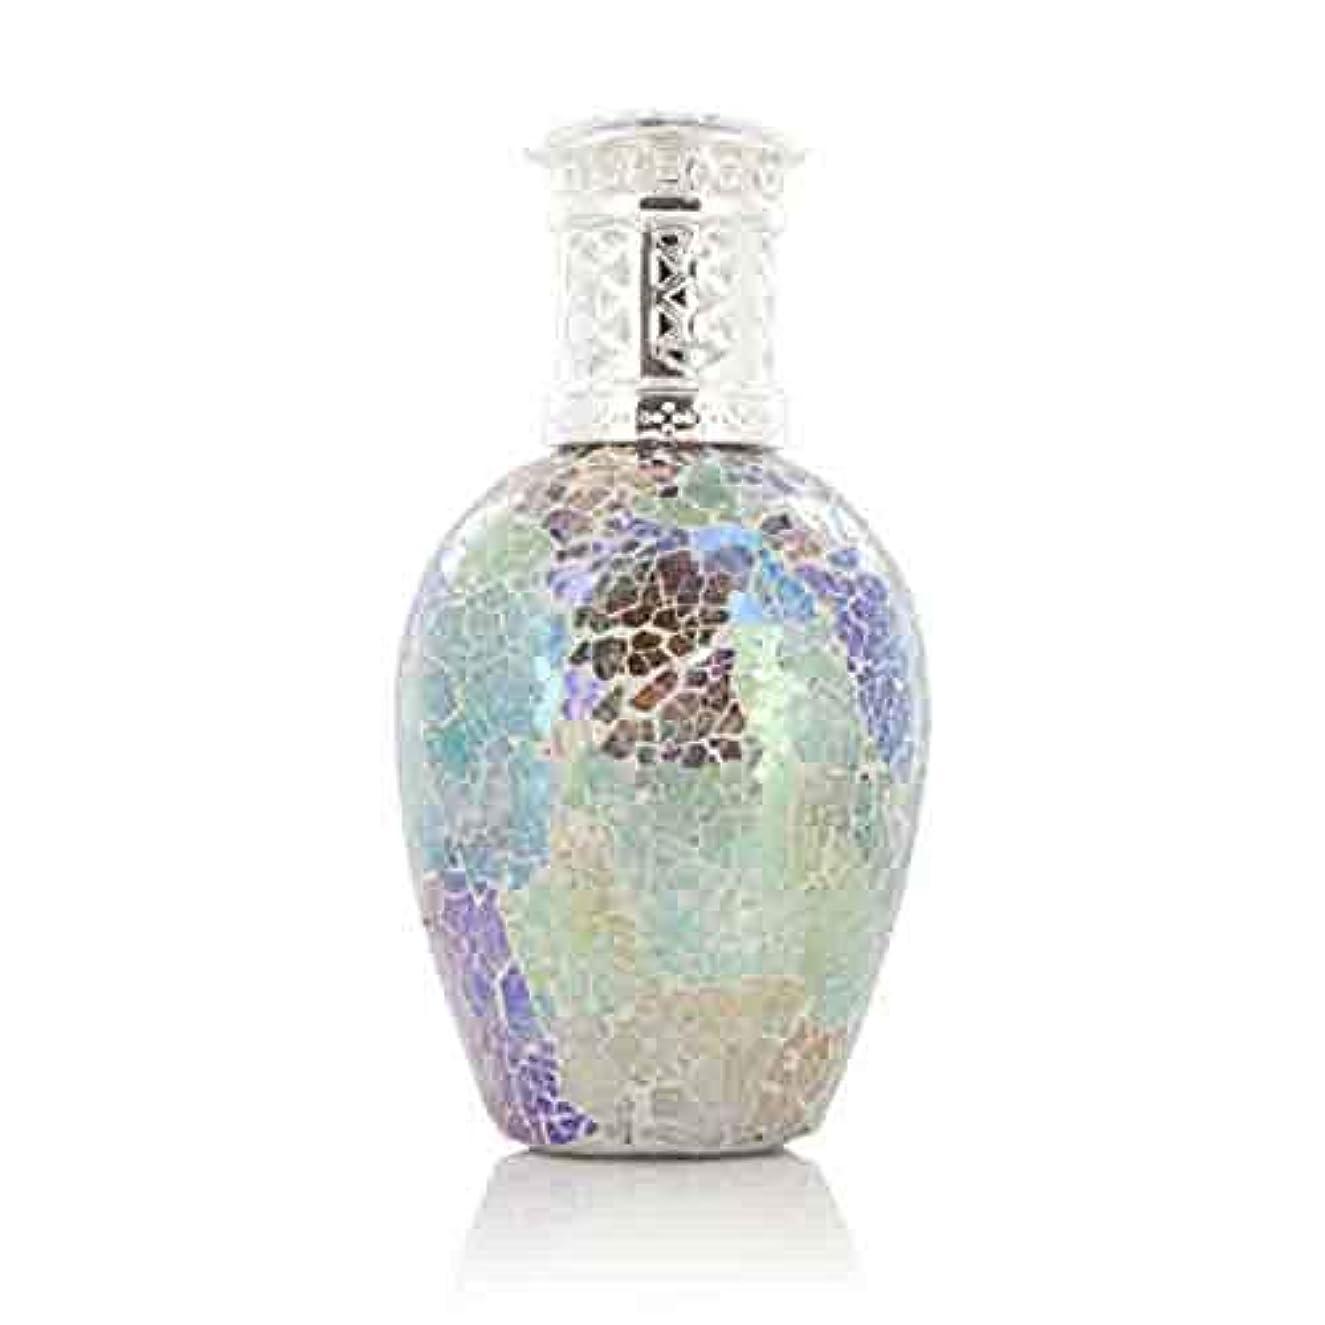 セイはさておき知覚的はさみAshleigh&Burwood フレグランスランプ L フェアリーダスト FragranceLamps FairyDust アシュレイ&バーウッド